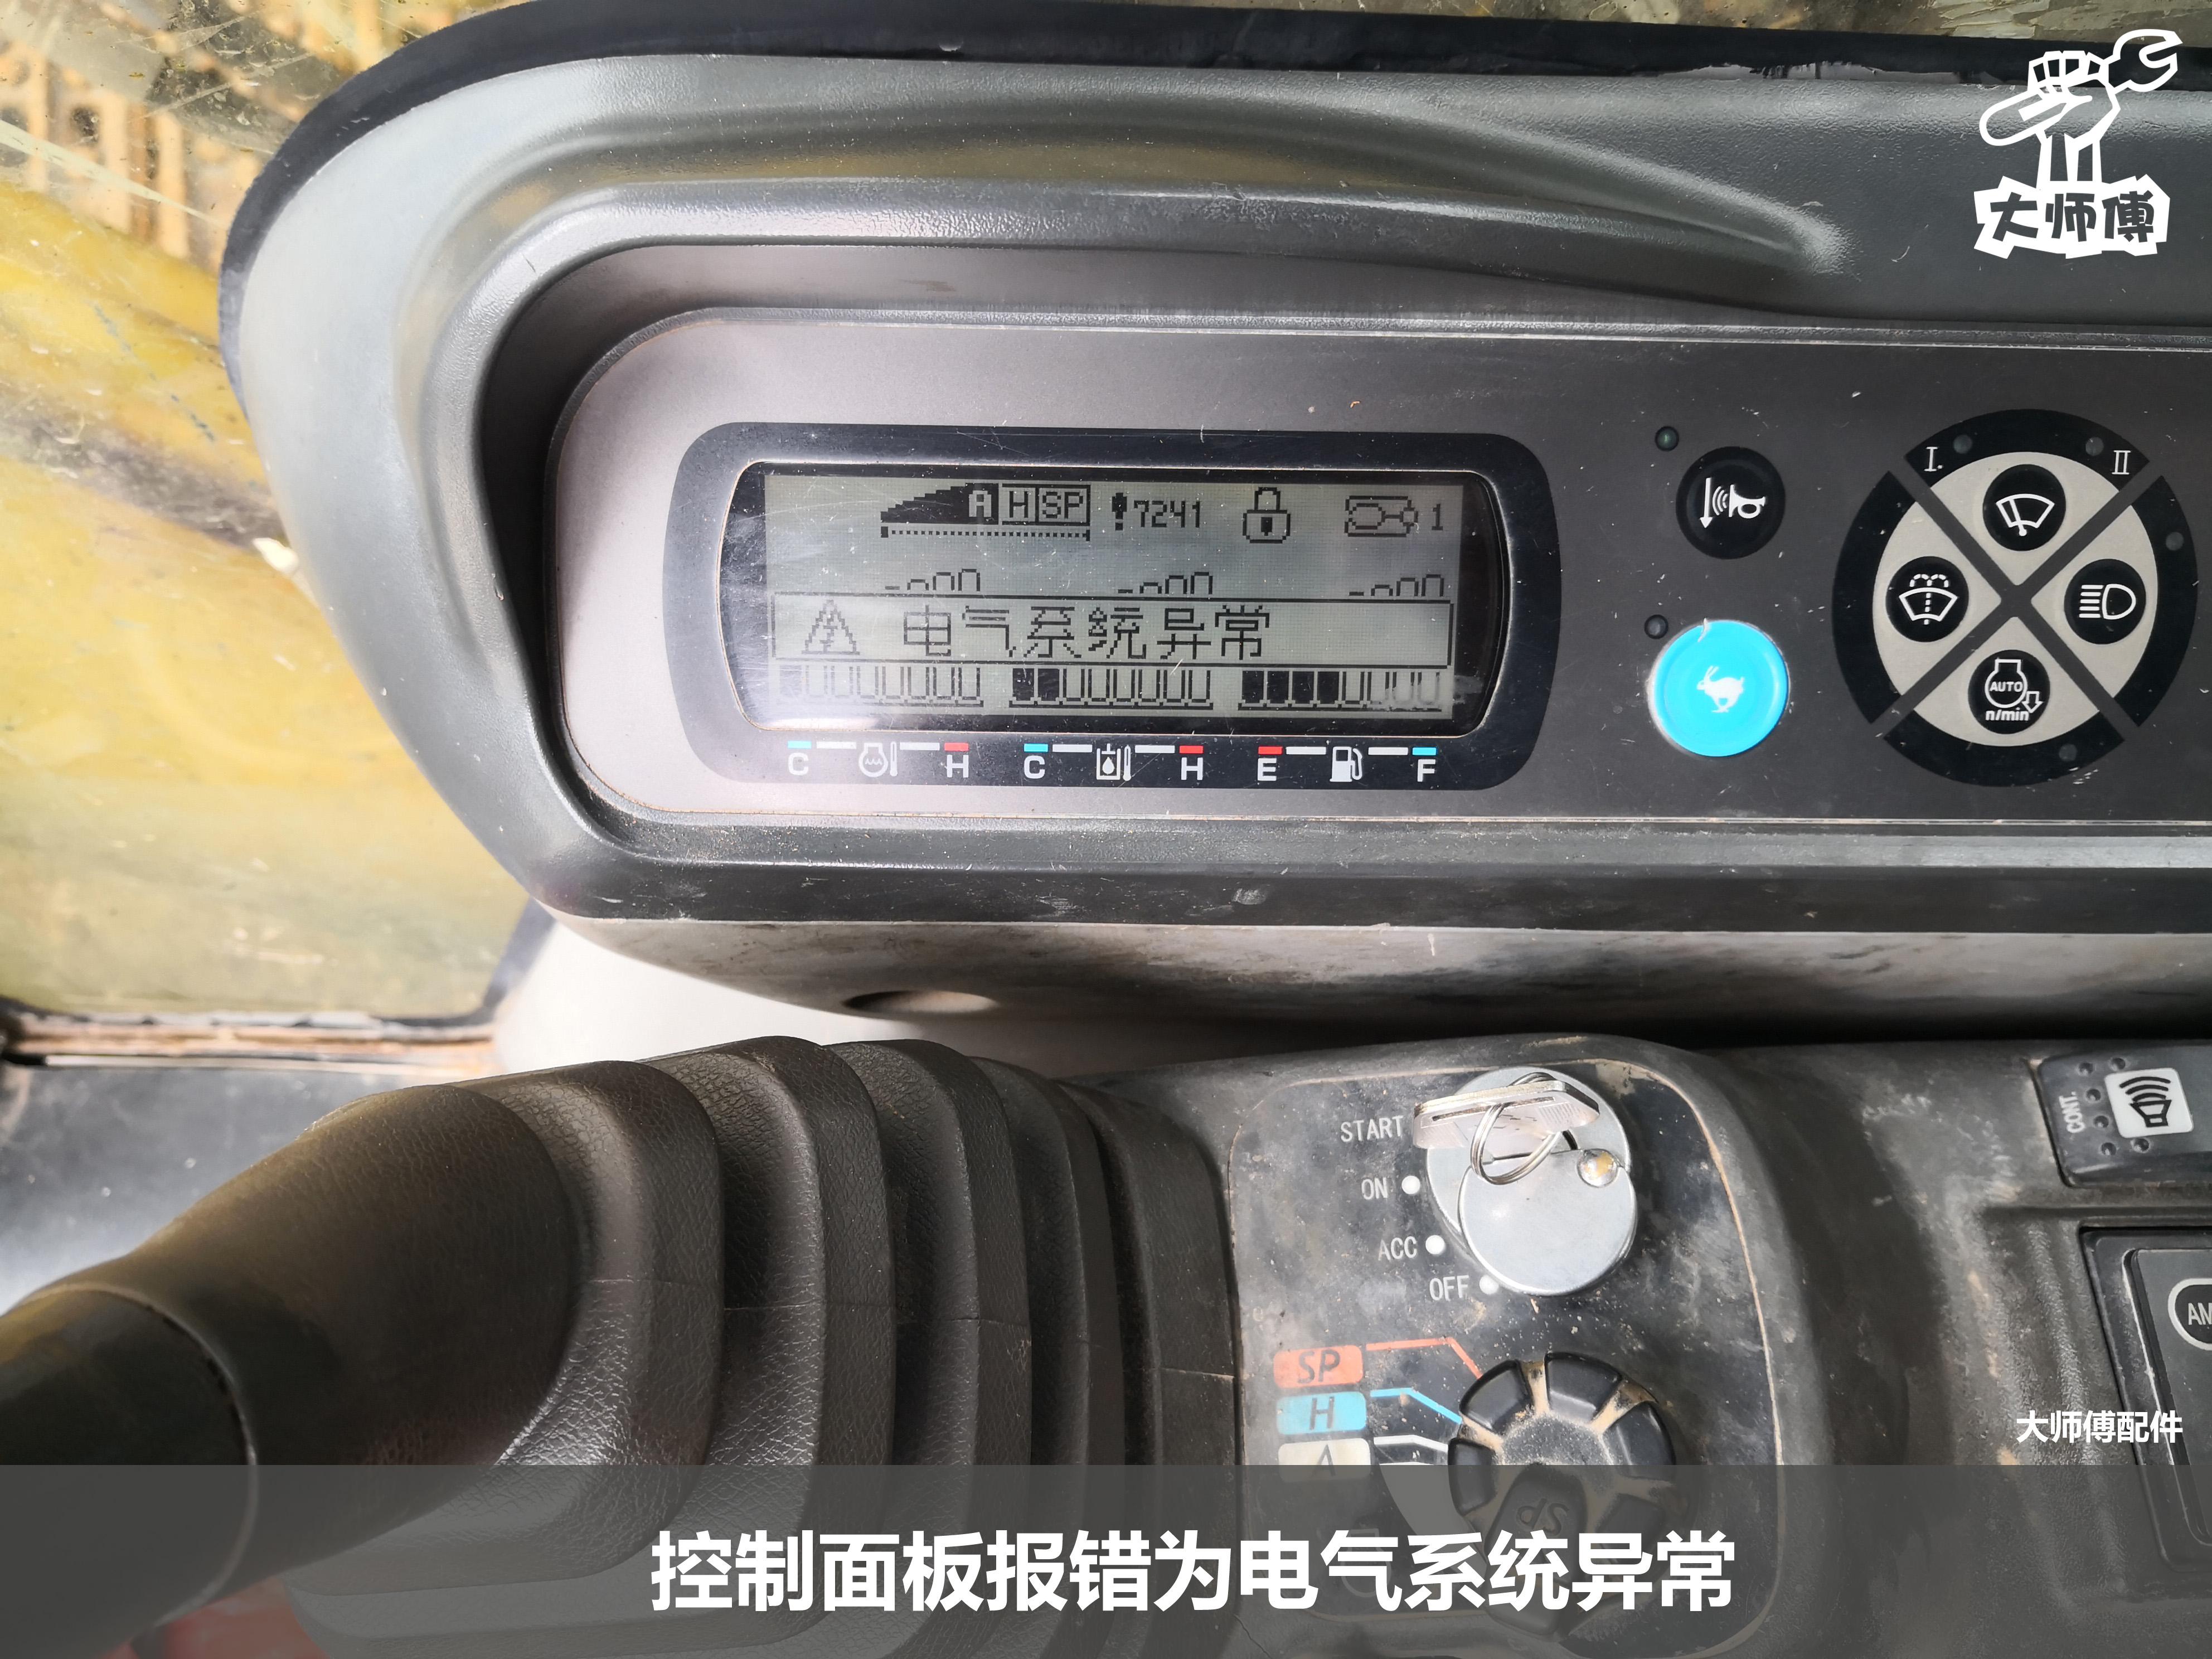 芜湖市南陵县,住友210-5锁车,流量电磁阀报警